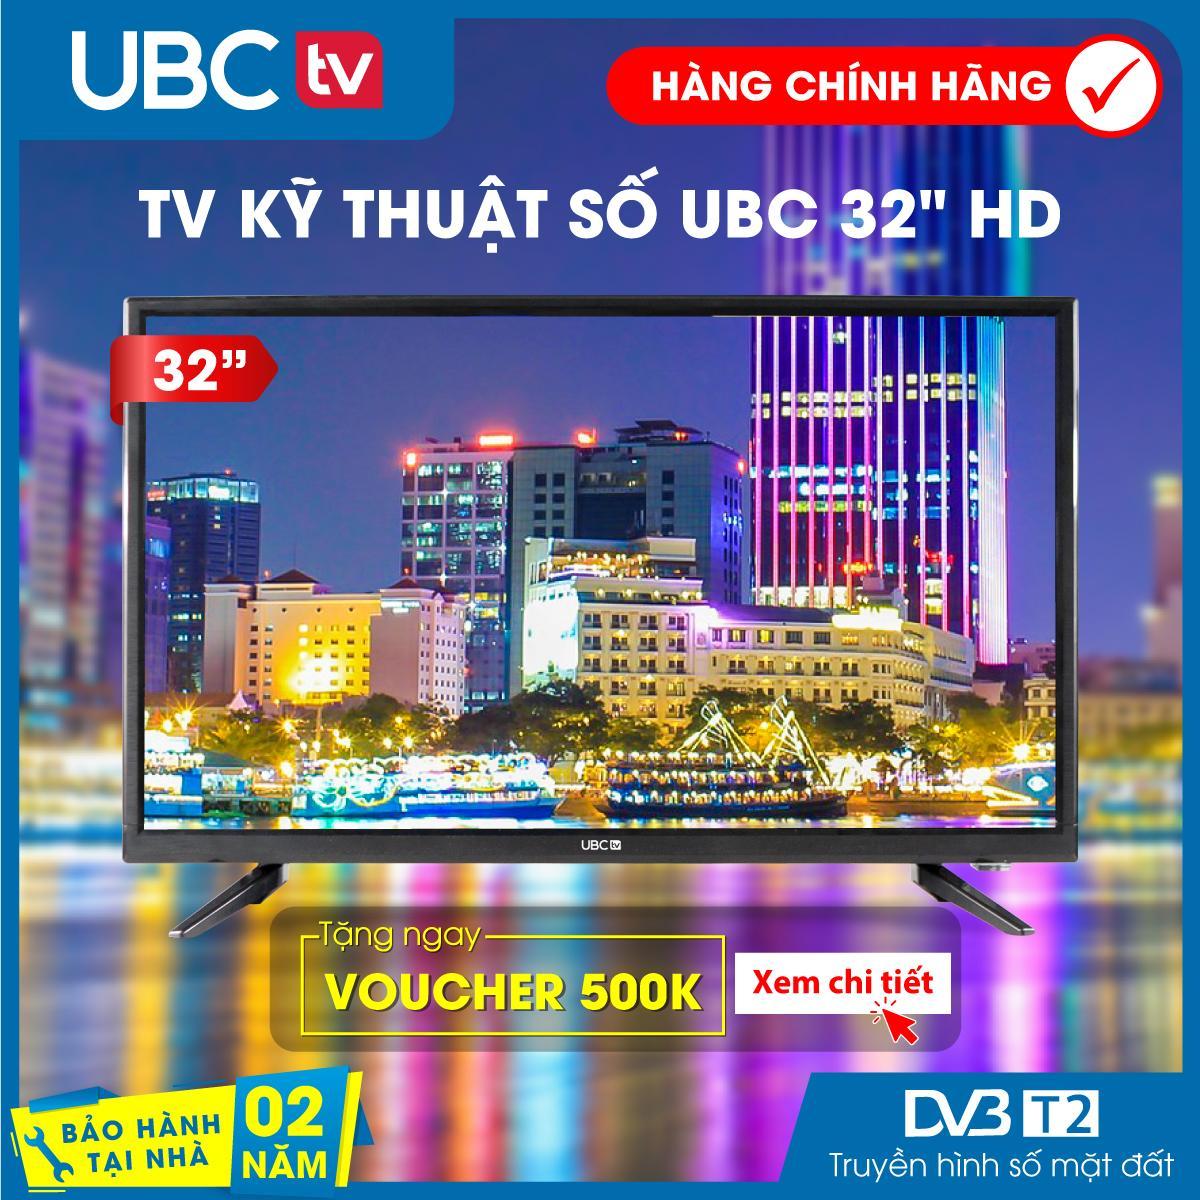 Lazada Ưu Đãi Khi Mua Tivi LED UBC HD 32inch DVB-T2, (đen), Model: 32P700S, Bảo Hành 2 Năm Tại Nhà, Free-ship Tòan Quốc, Công Nghệ Dò Kênh Tự động Free-to-Air, âm Thanh Dolby